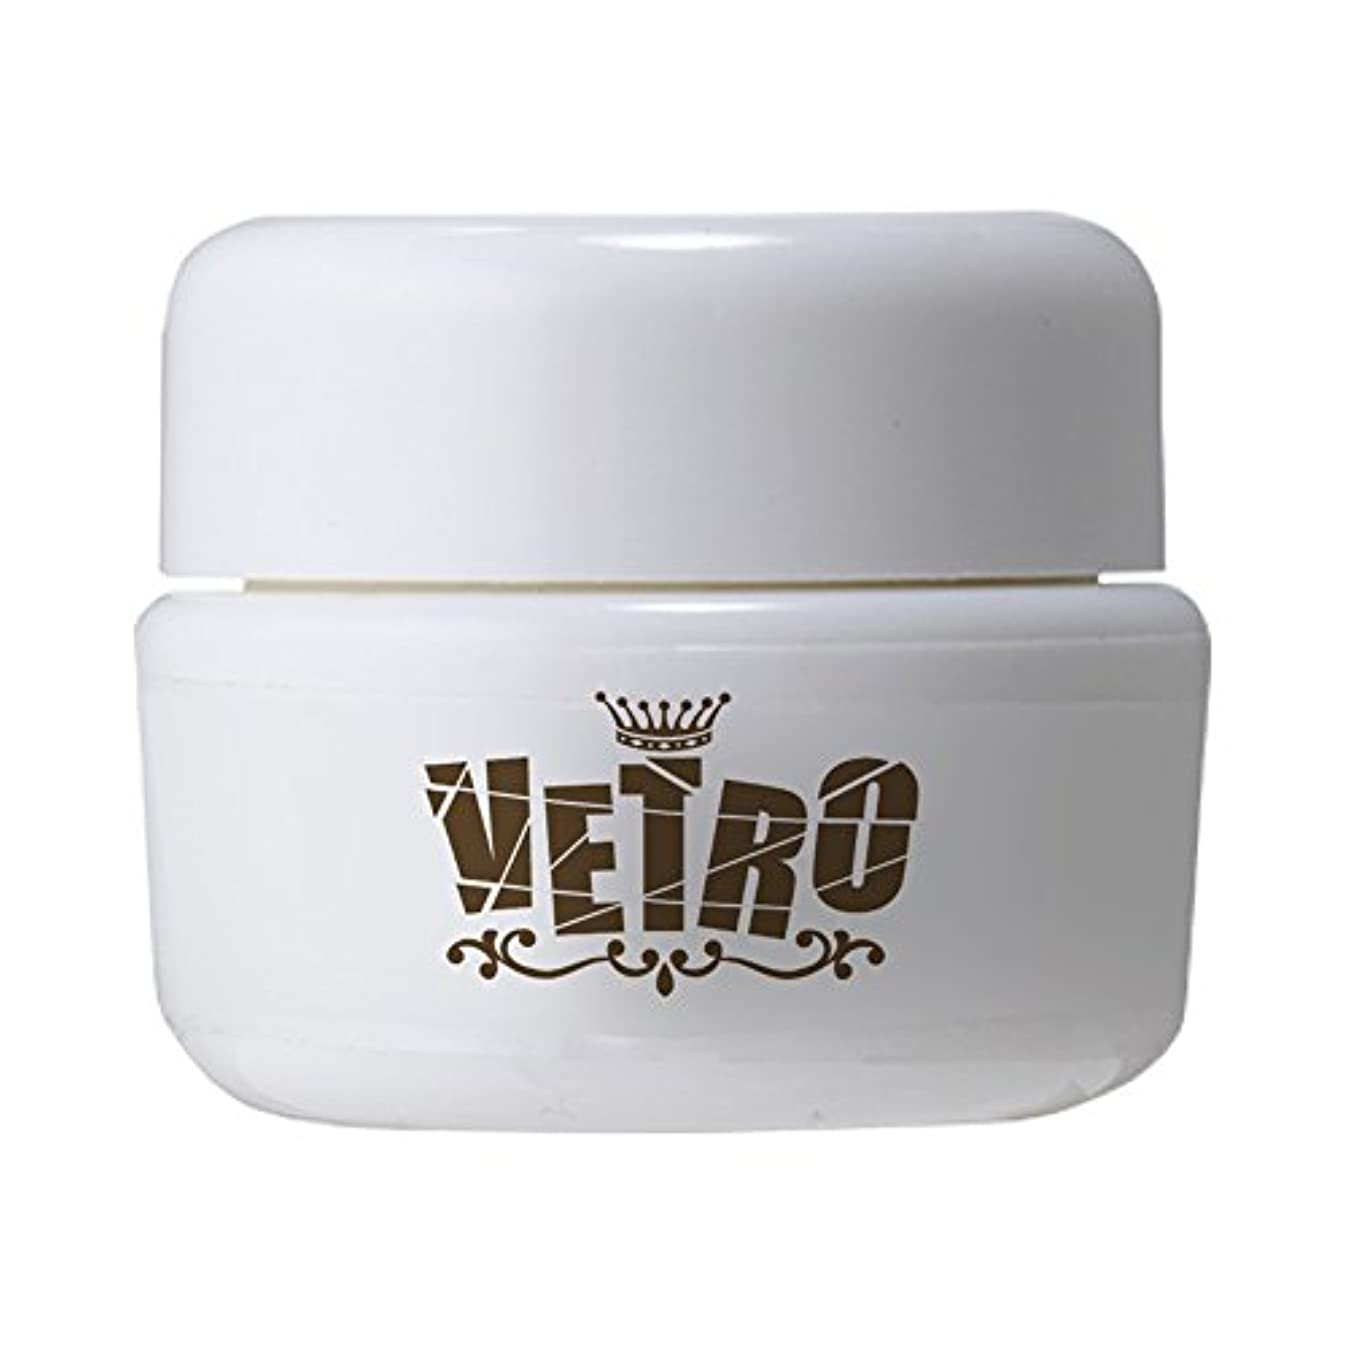 ベトロ VETRO カラージェル VL283 4ml テクスチャー:ソフト シアー UV/LED対応